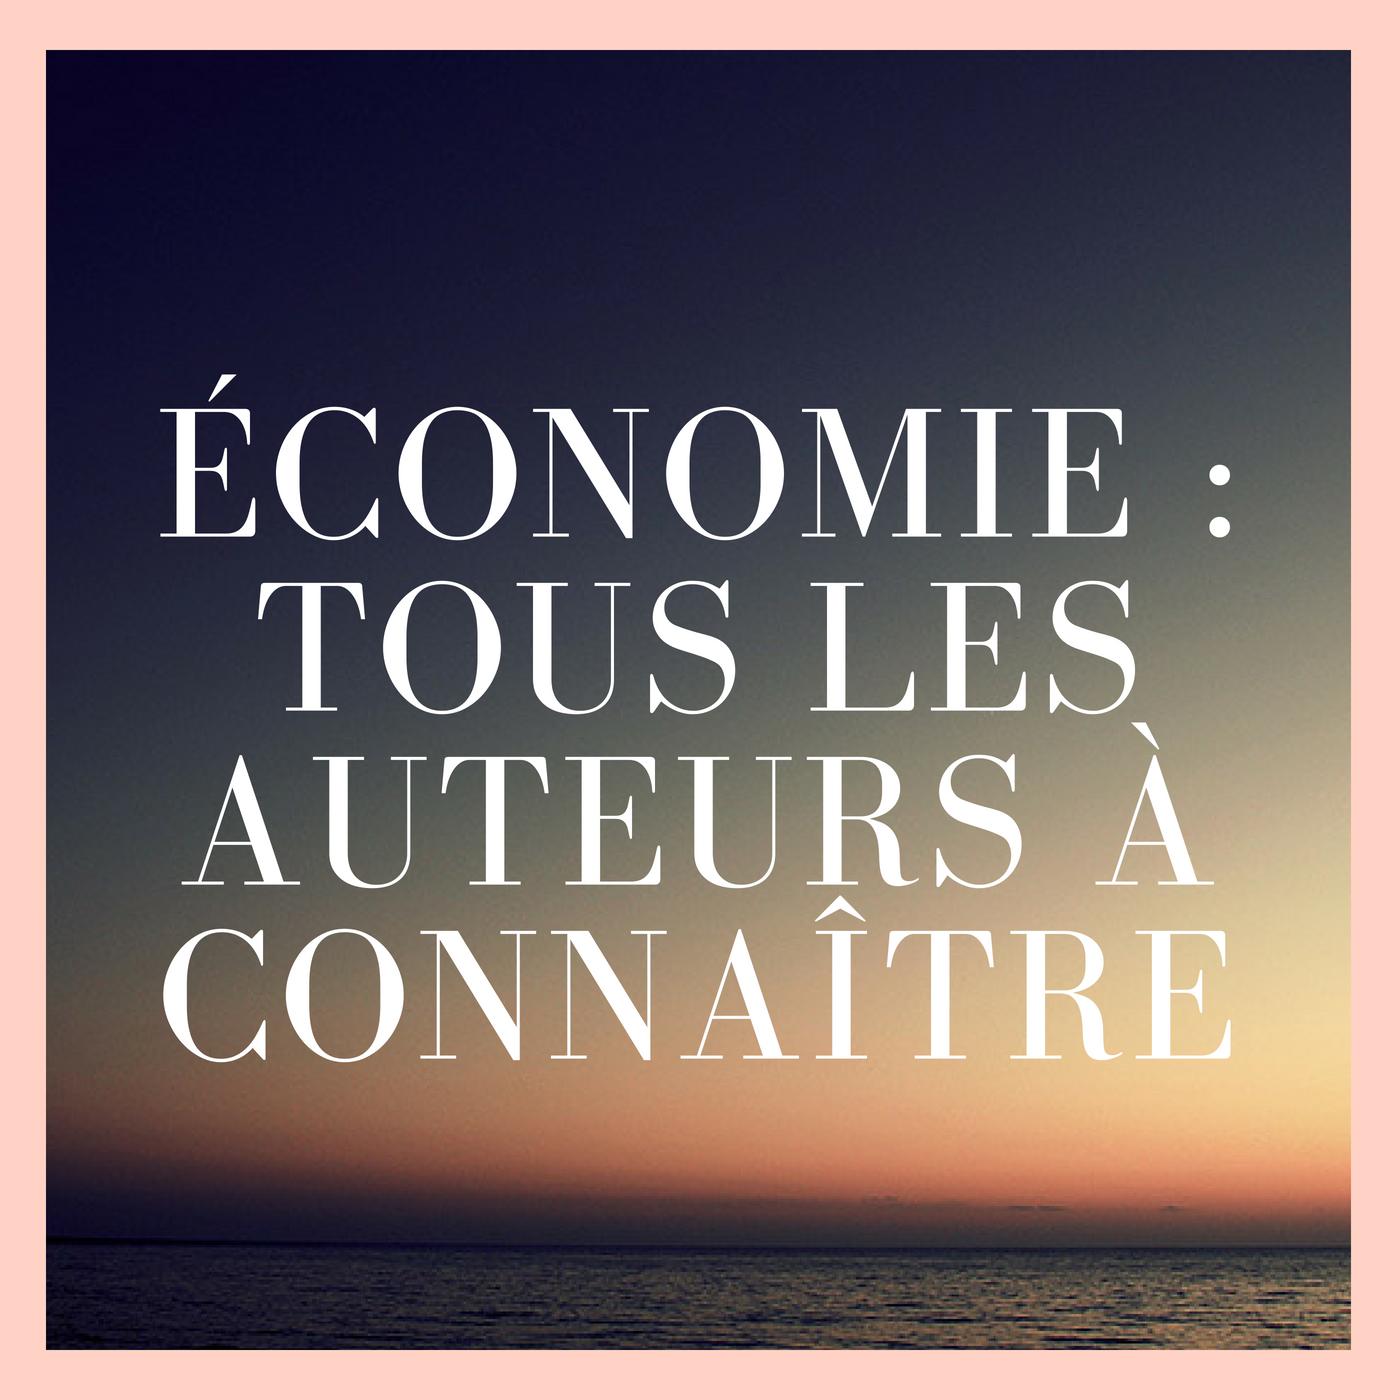 Economie : TOUT les auteurs à connaître